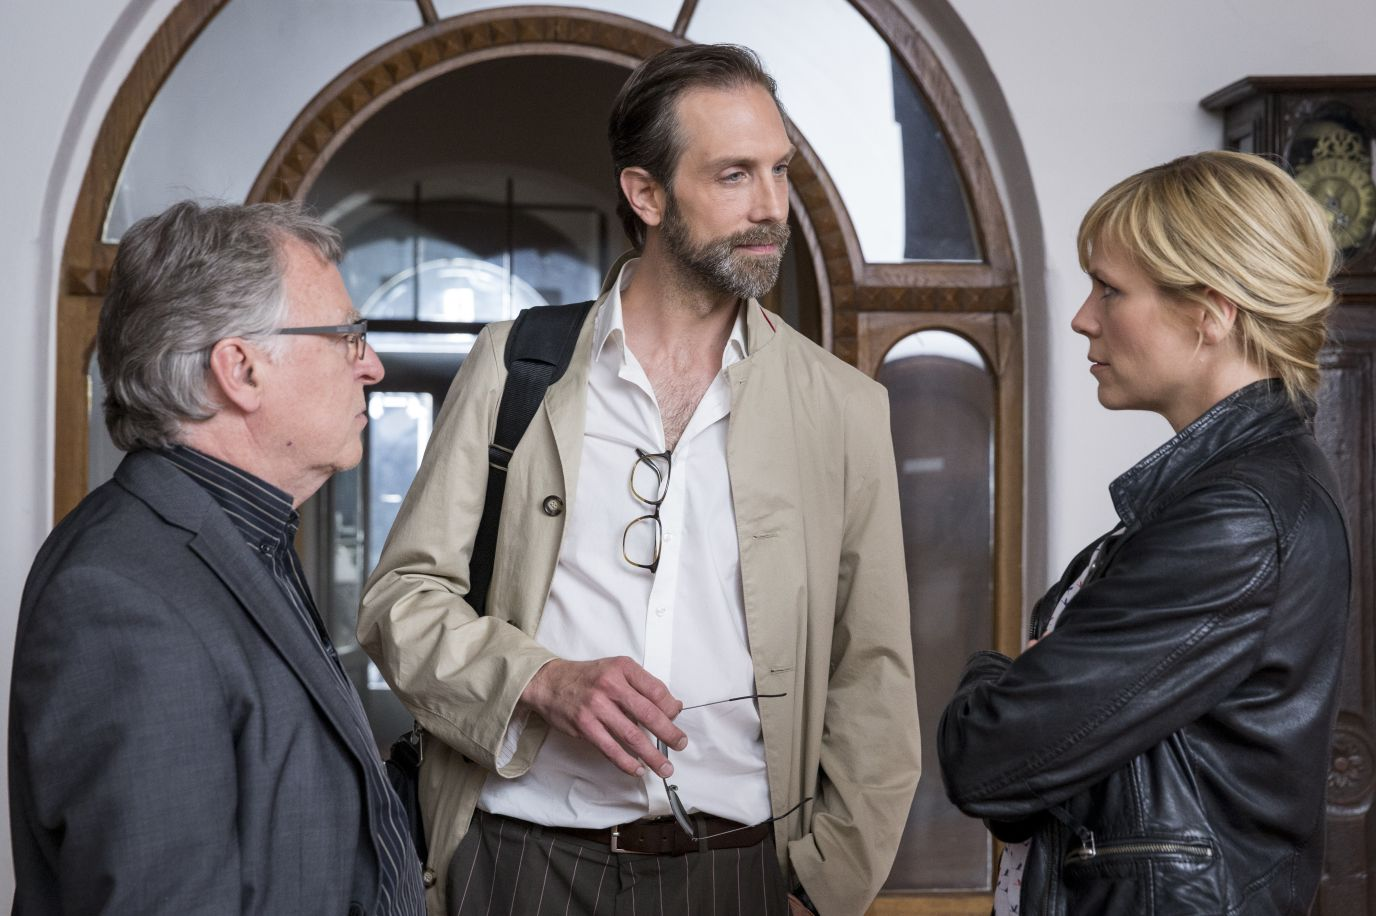 Melanie Marschke, Andreas Schmidt-Schaller, and Alexander Wüst in SOKO Leipzig (2001)